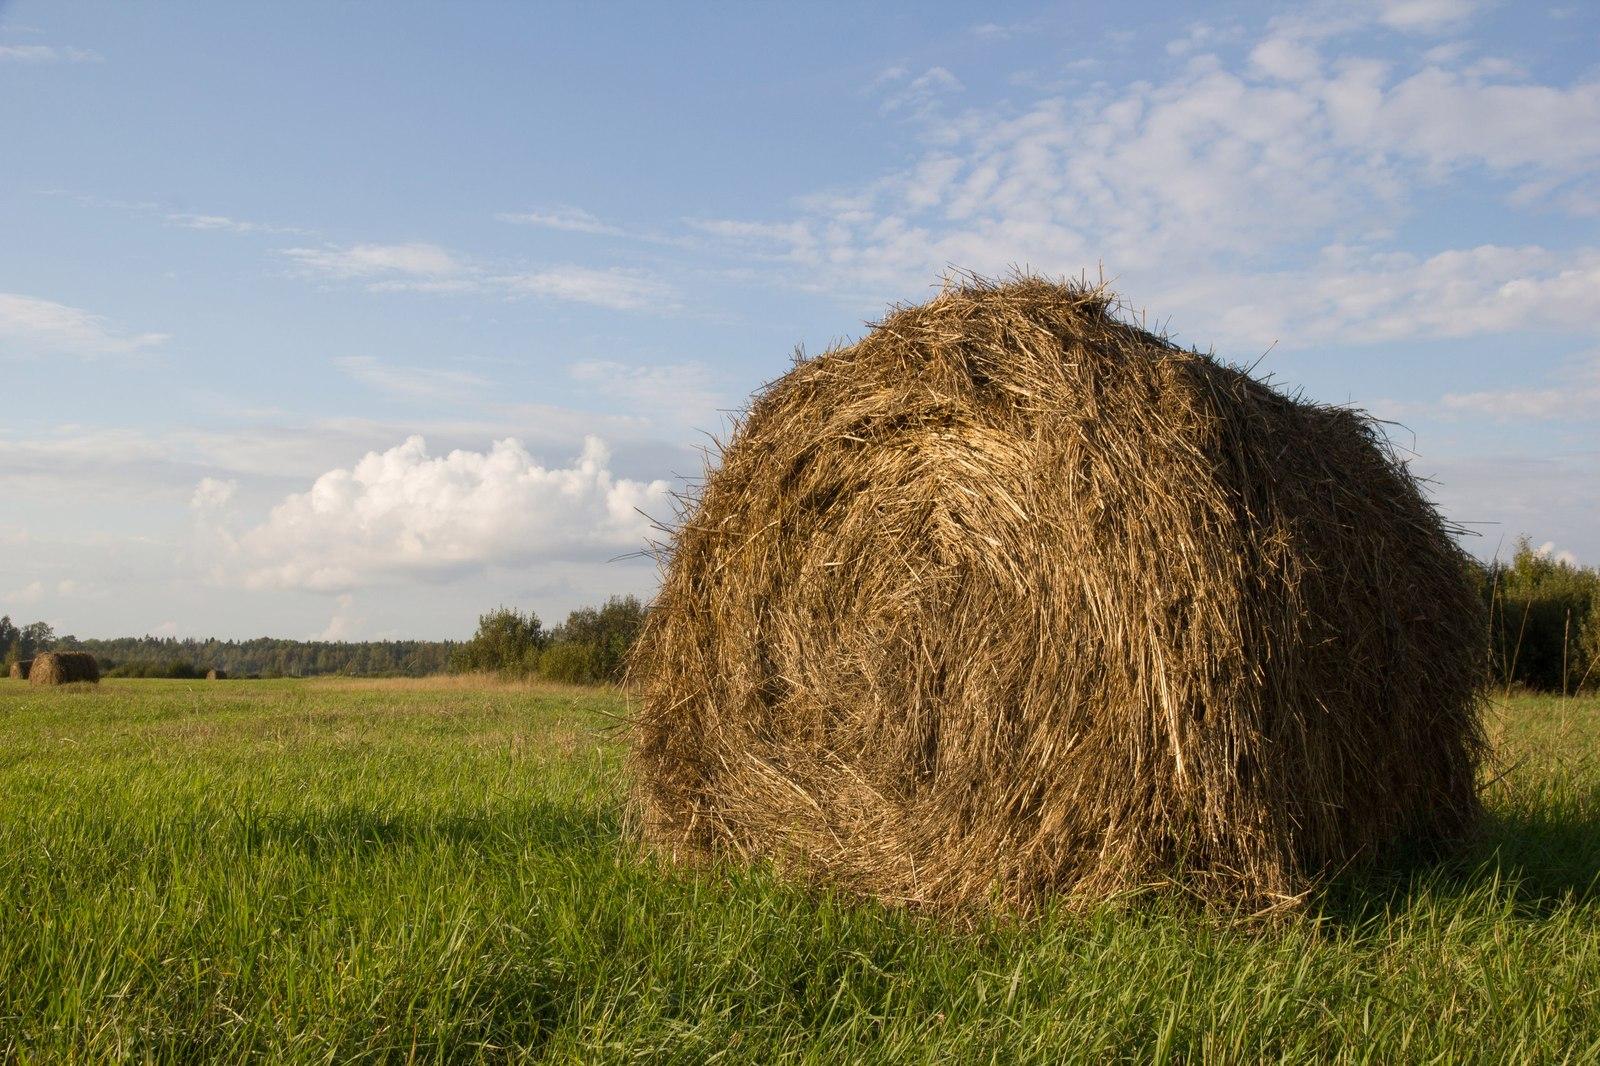 600 килограмм сена украл и продал предприимчивый мужчина из Тверской области